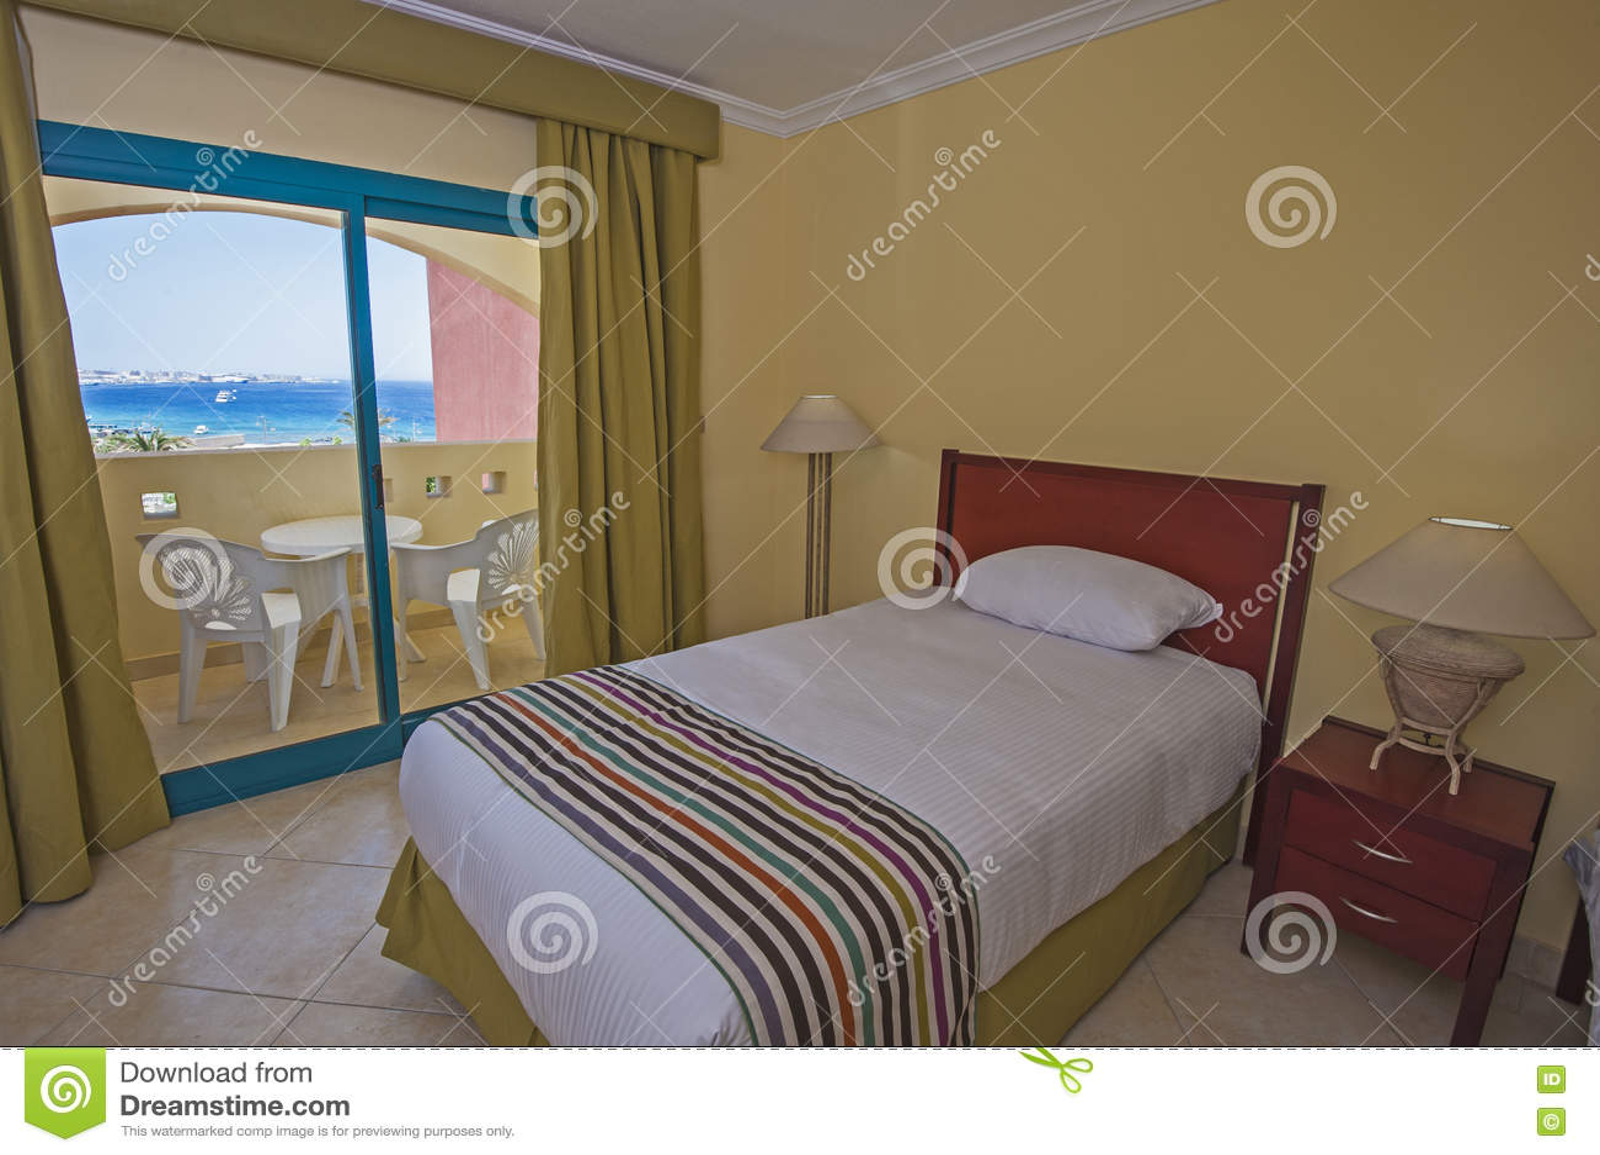 intrieur d une chambre d htel de luxe avec le balcon - Chambre Dhotel De Luxe